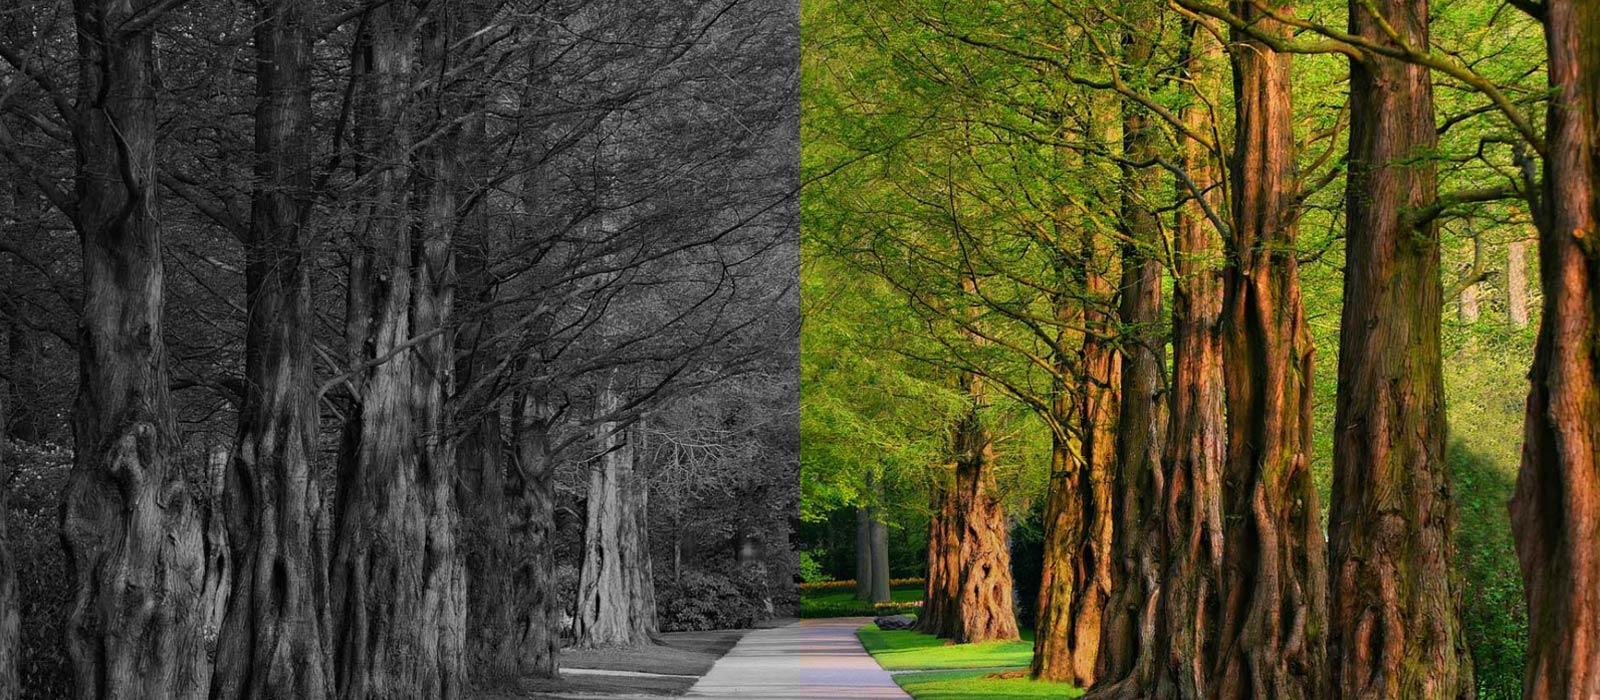 Daha yeşil, daha temiz bir dünya için…